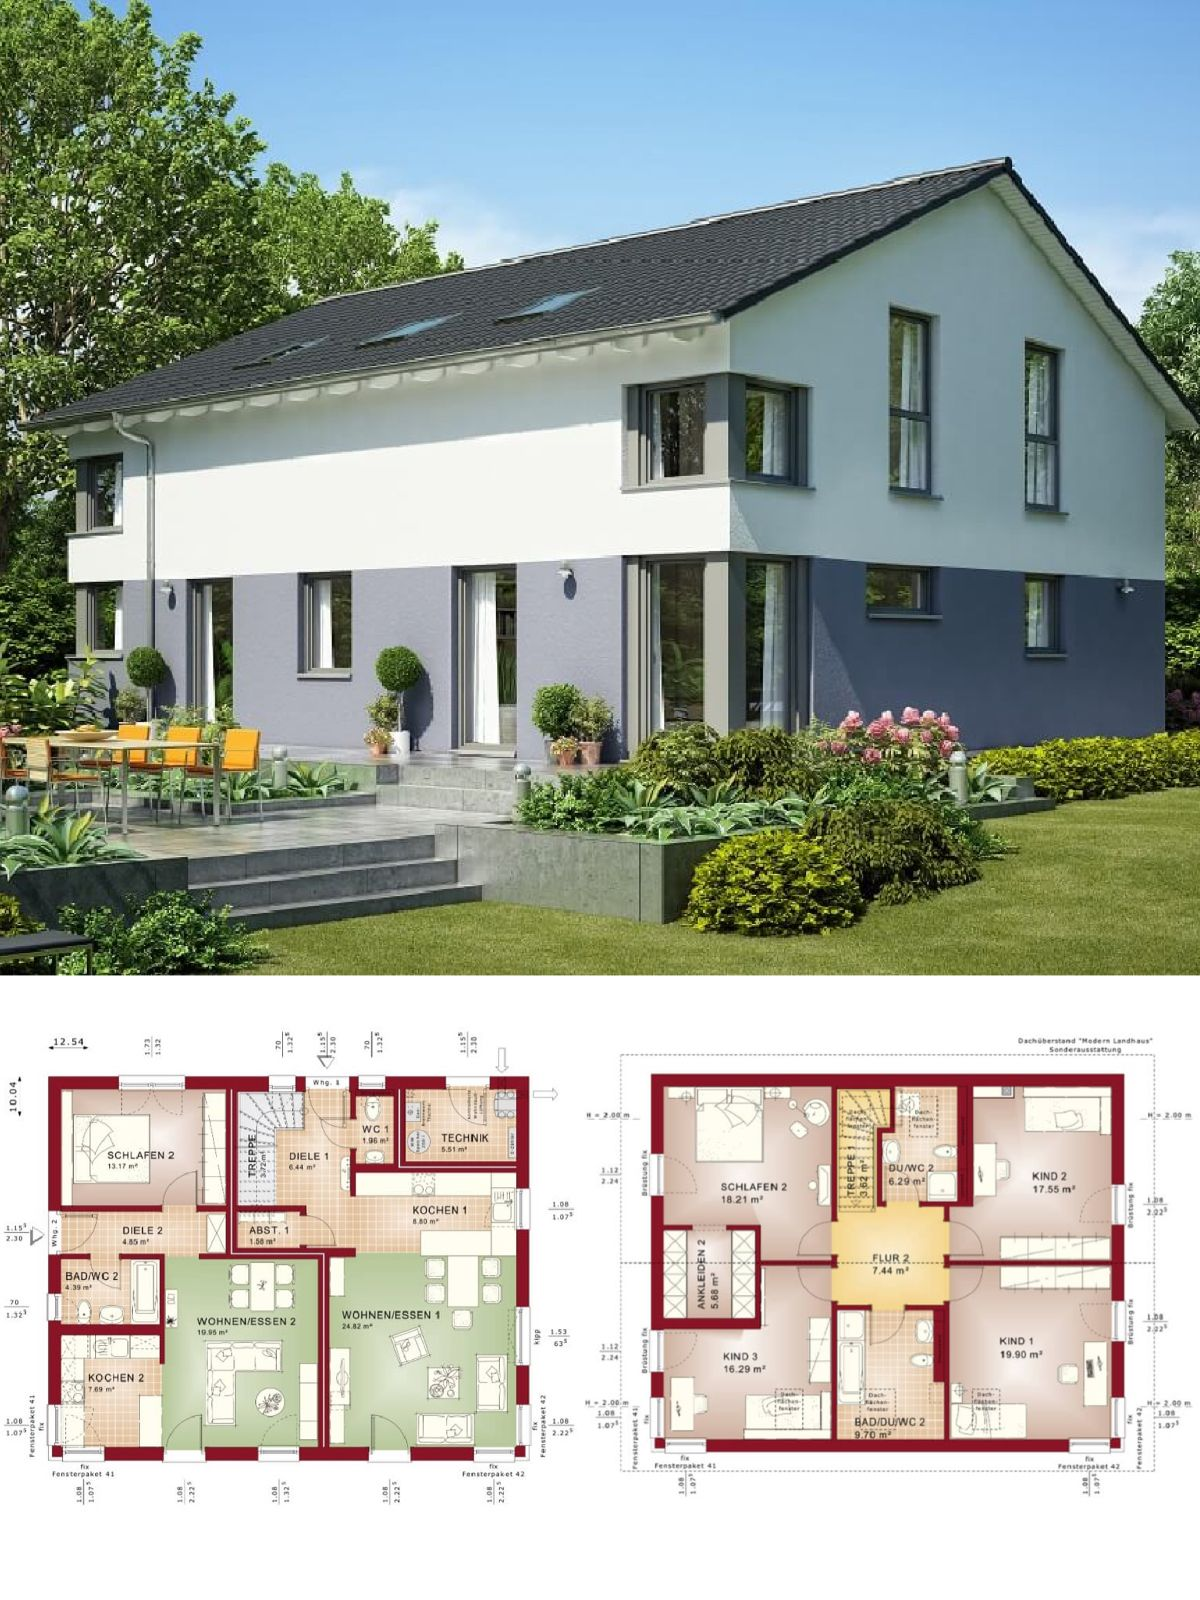 modernes einfamilienhaus mit einliegerwohnung satteldach hausbau ideen grundriss. Black Bedroom Furniture Sets. Home Design Ideas